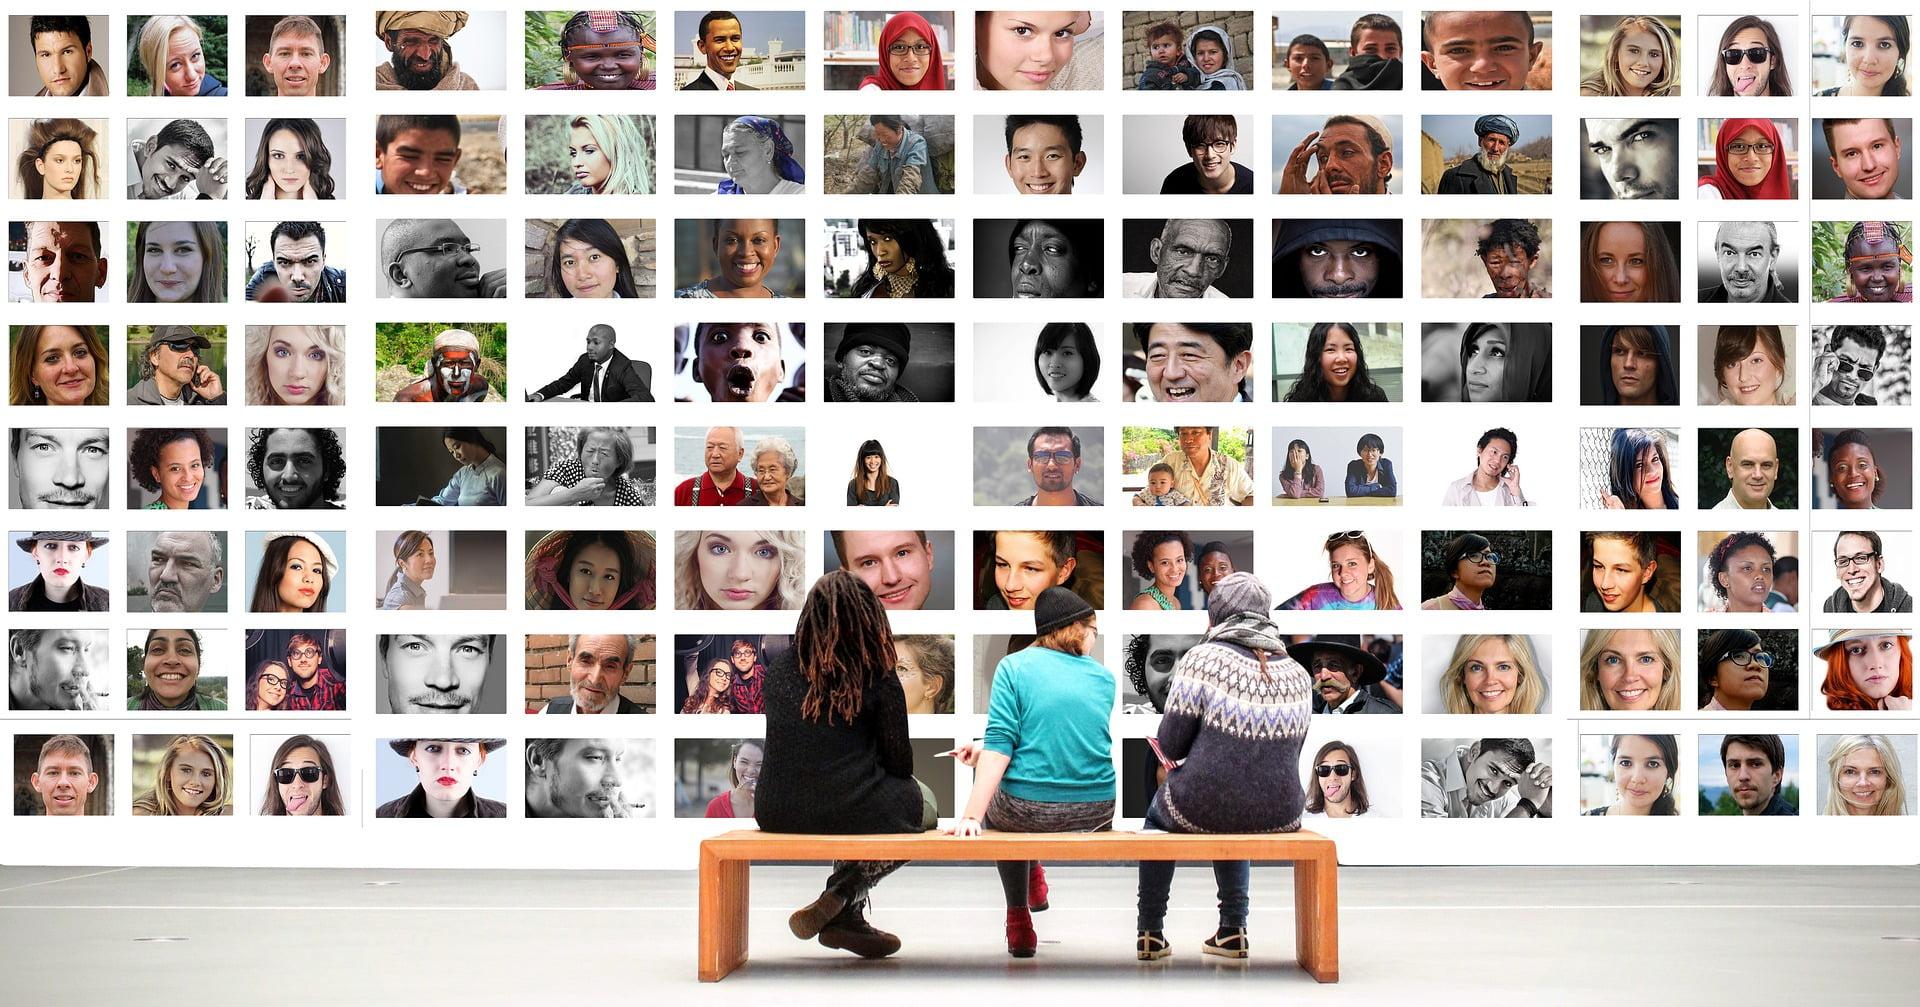 Social Media Profiling